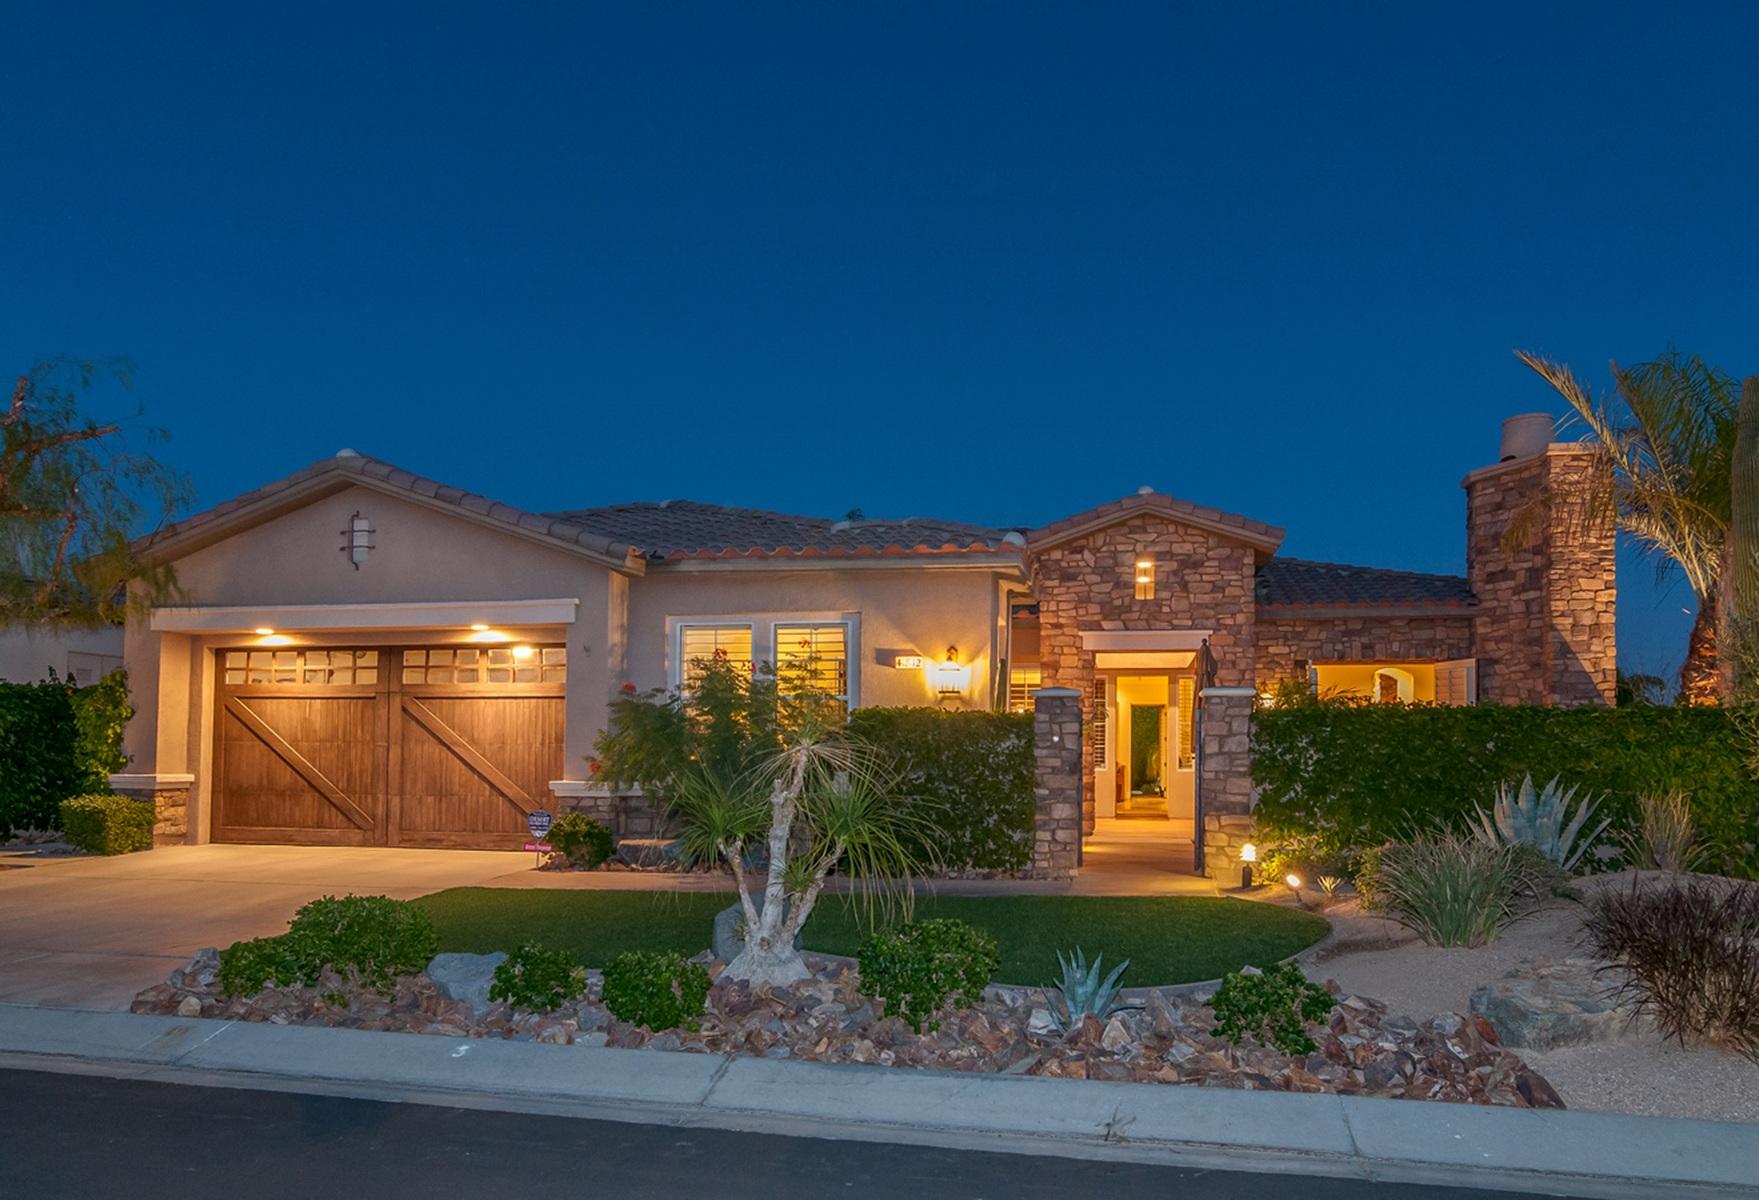 独户住宅 为 销售 在 41842 Via Treviso Palm Desert, 加利福尼亚州 92260 美国